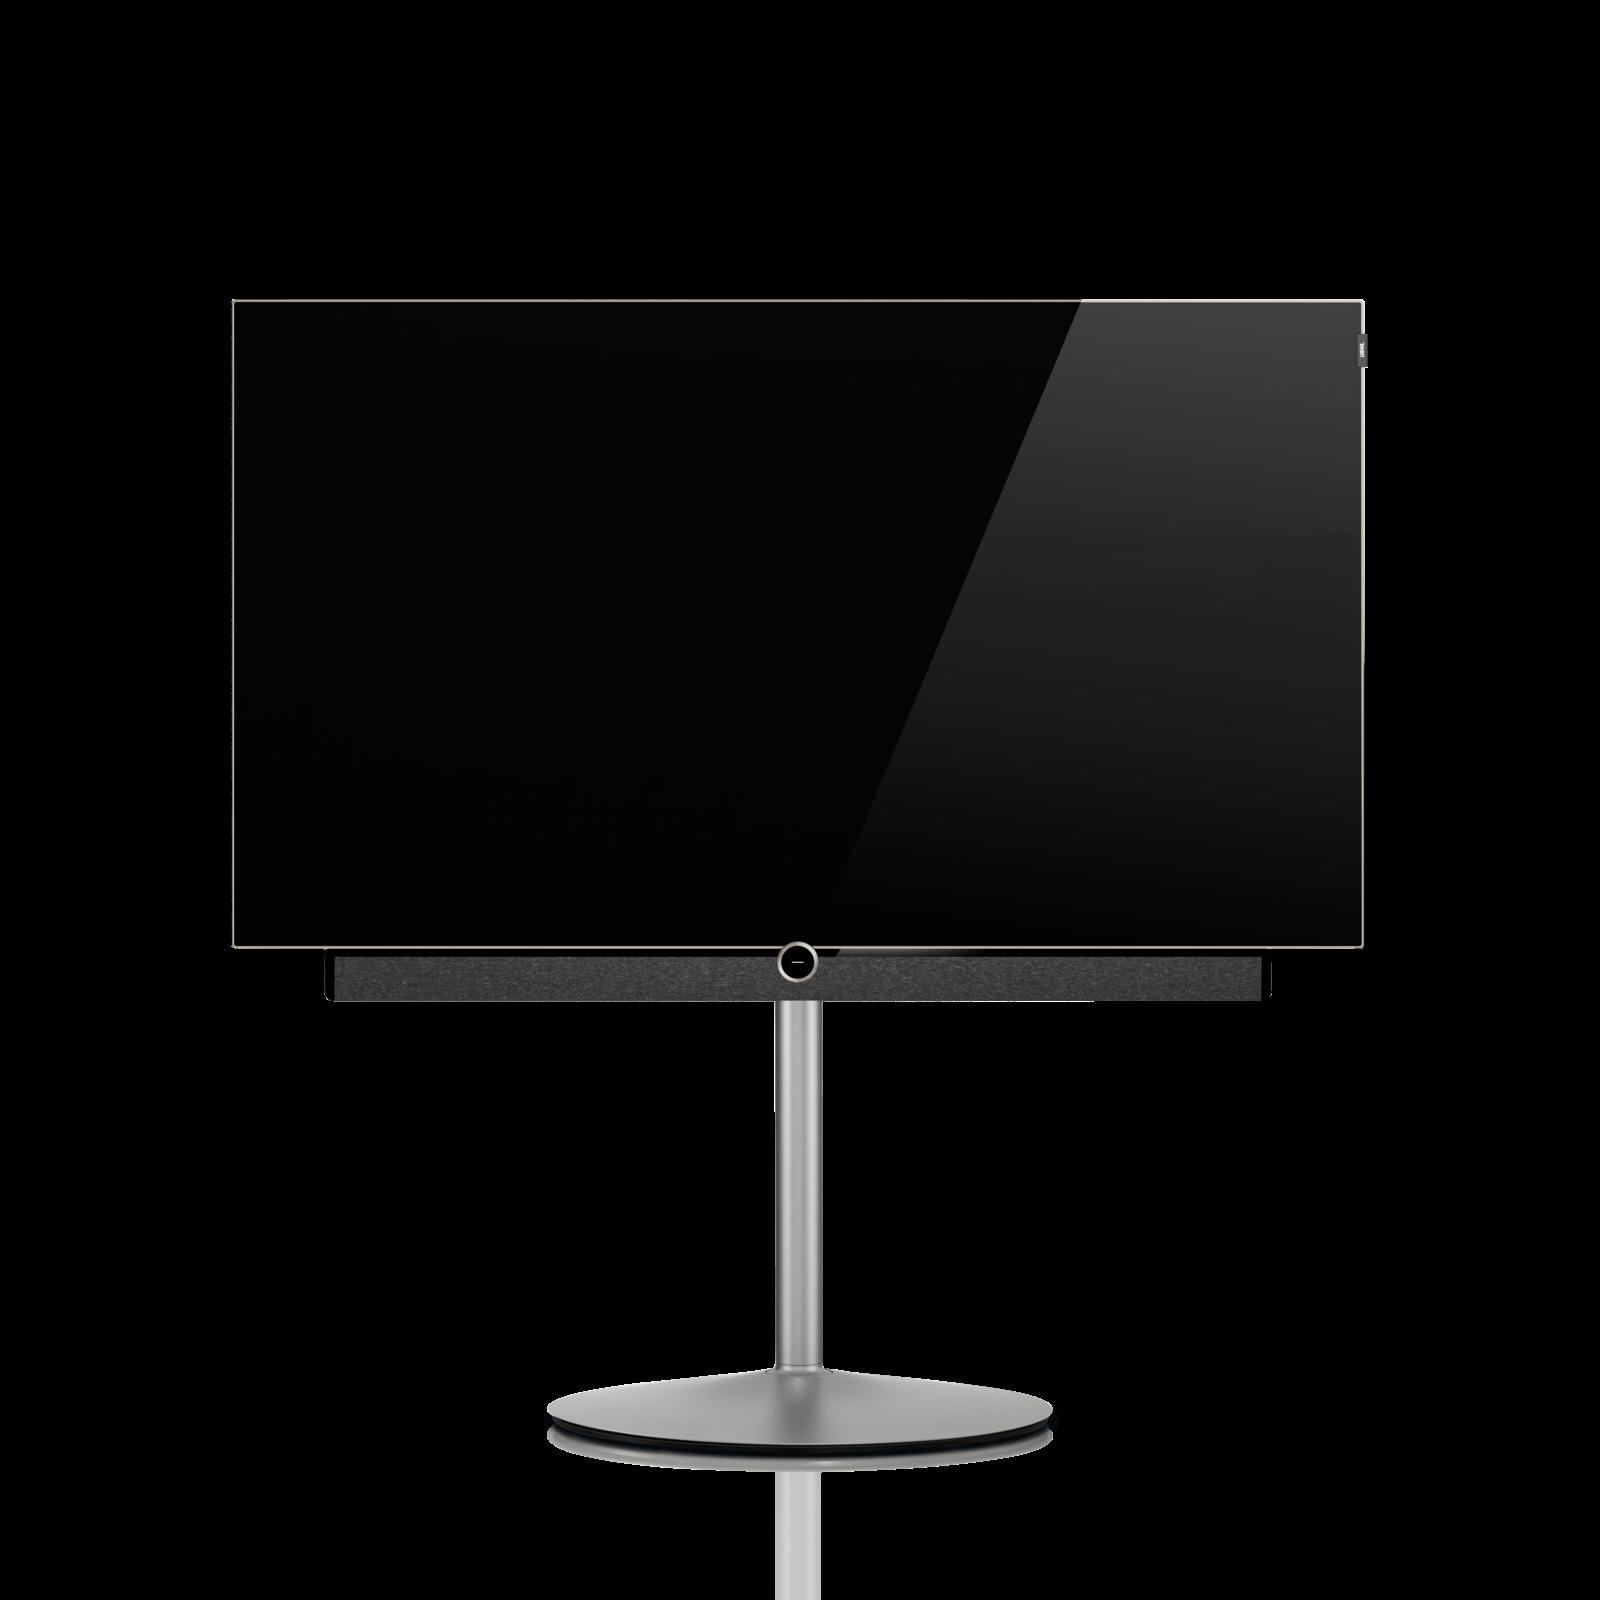 loewe bild 5 oled 55 4k smart tv home media. Black Bedroom Furniture Sets. Home Design Ideas